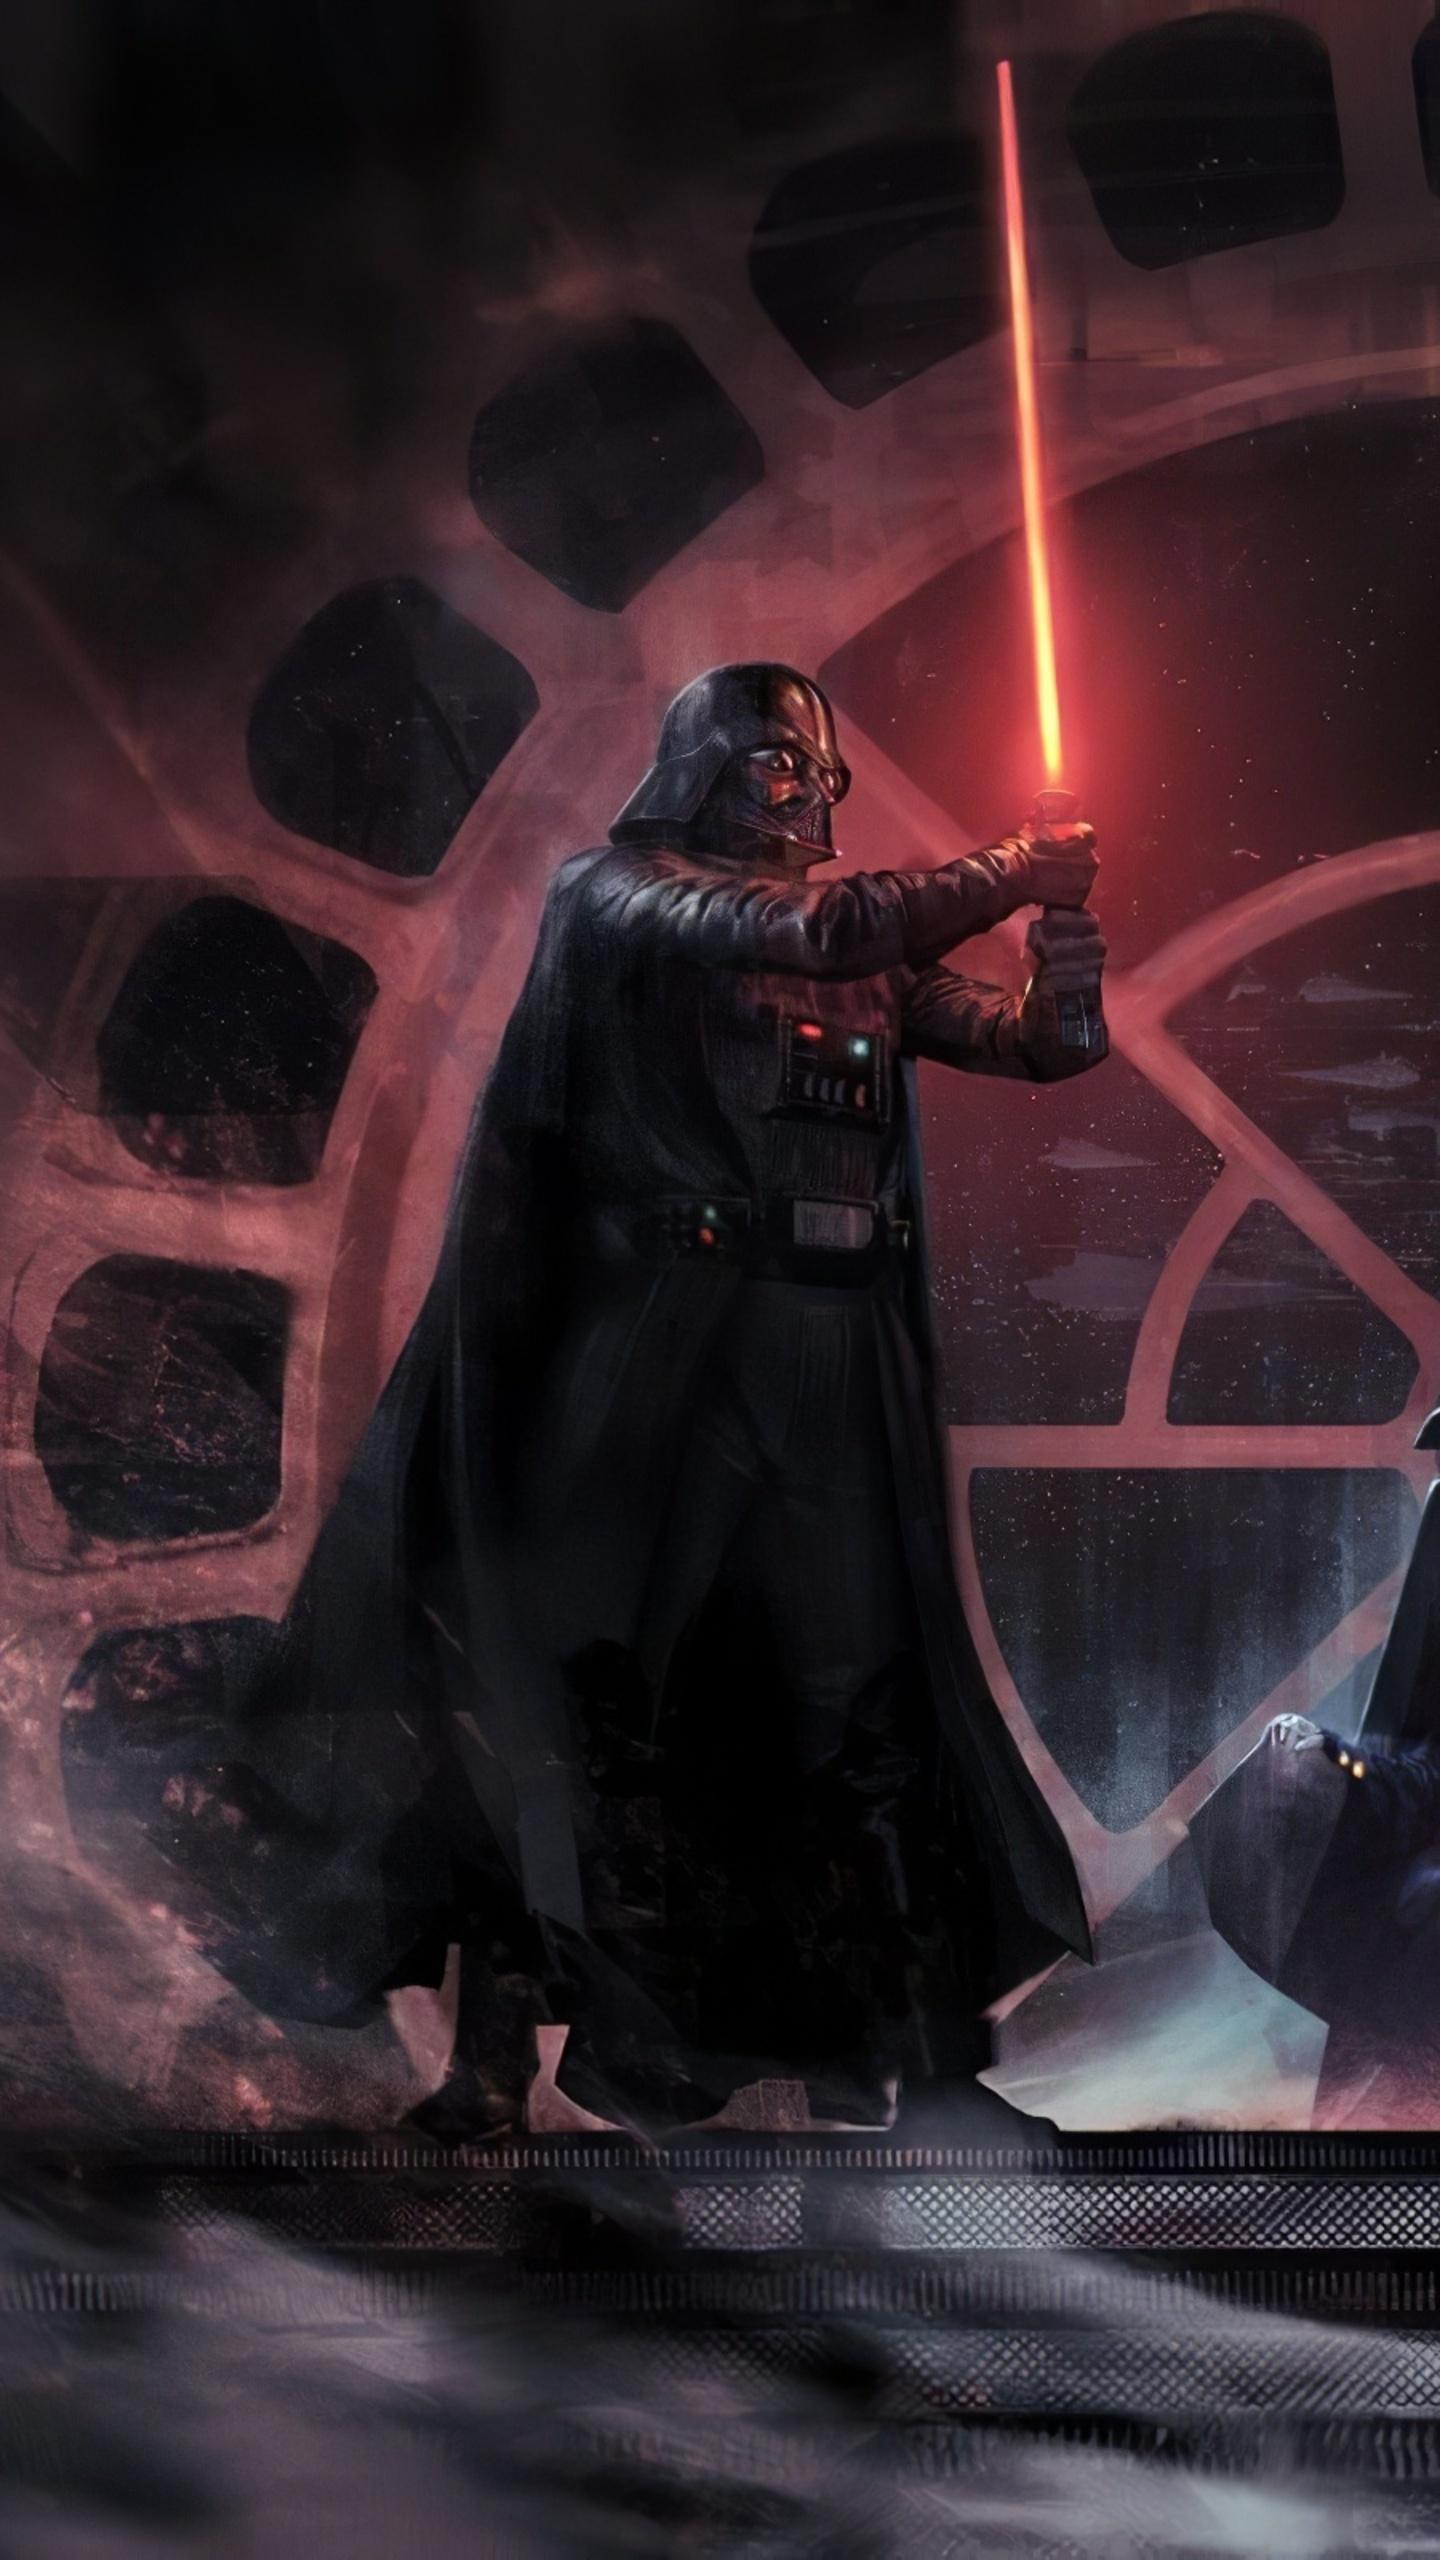 darth-vader-vs-luke-skywalker-3e.jpg